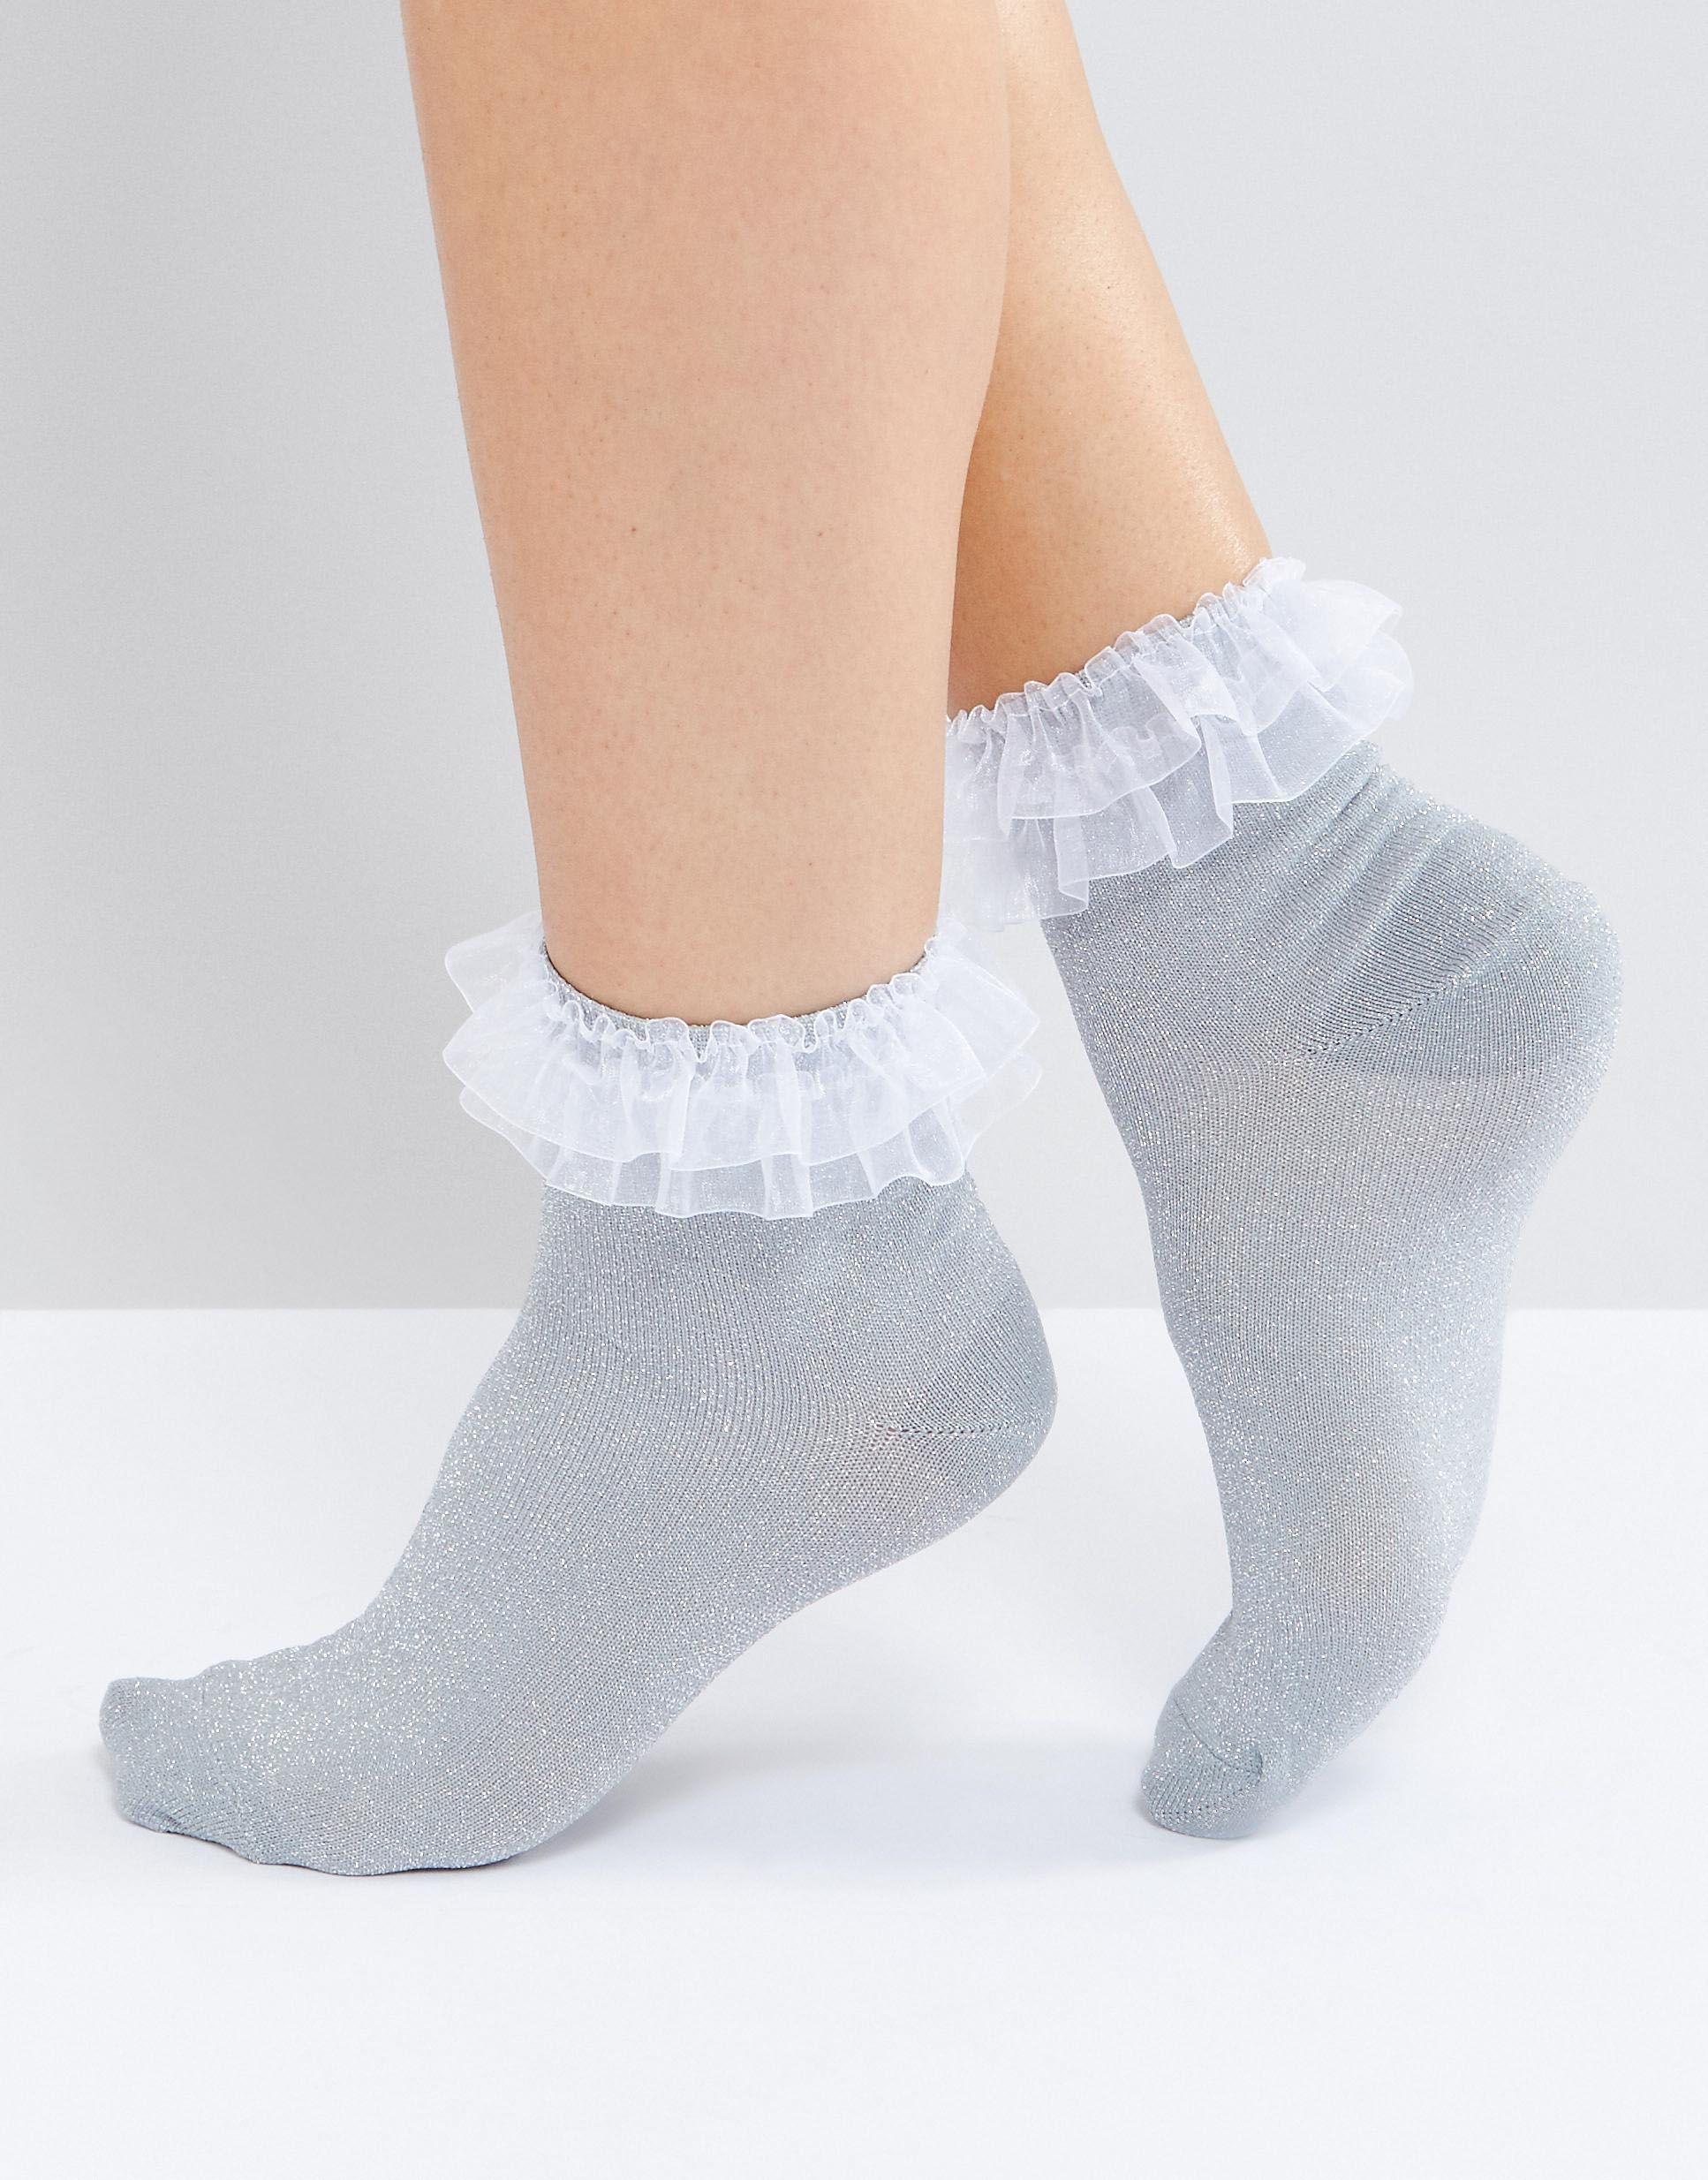 Sommer Baby Kleinkind Baumwollspitze Rüschen Prinzessin Mesh Socke Söckche CL